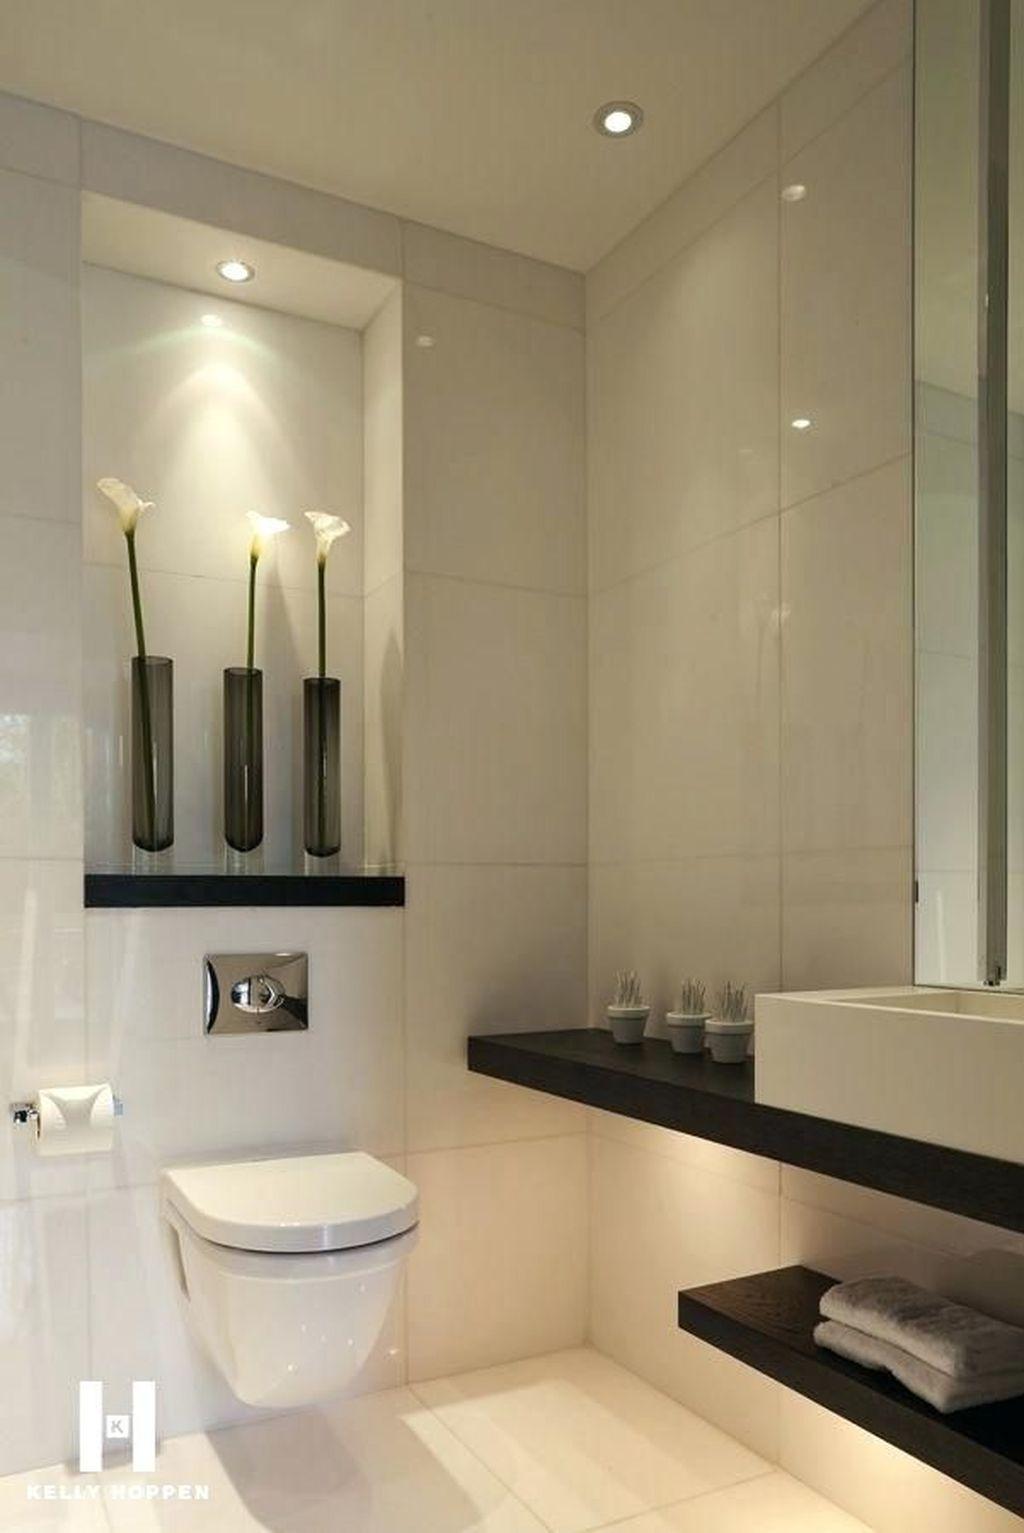 30 Simply Elegant Spa Bathroom Ideas Modern Small Bathrooms